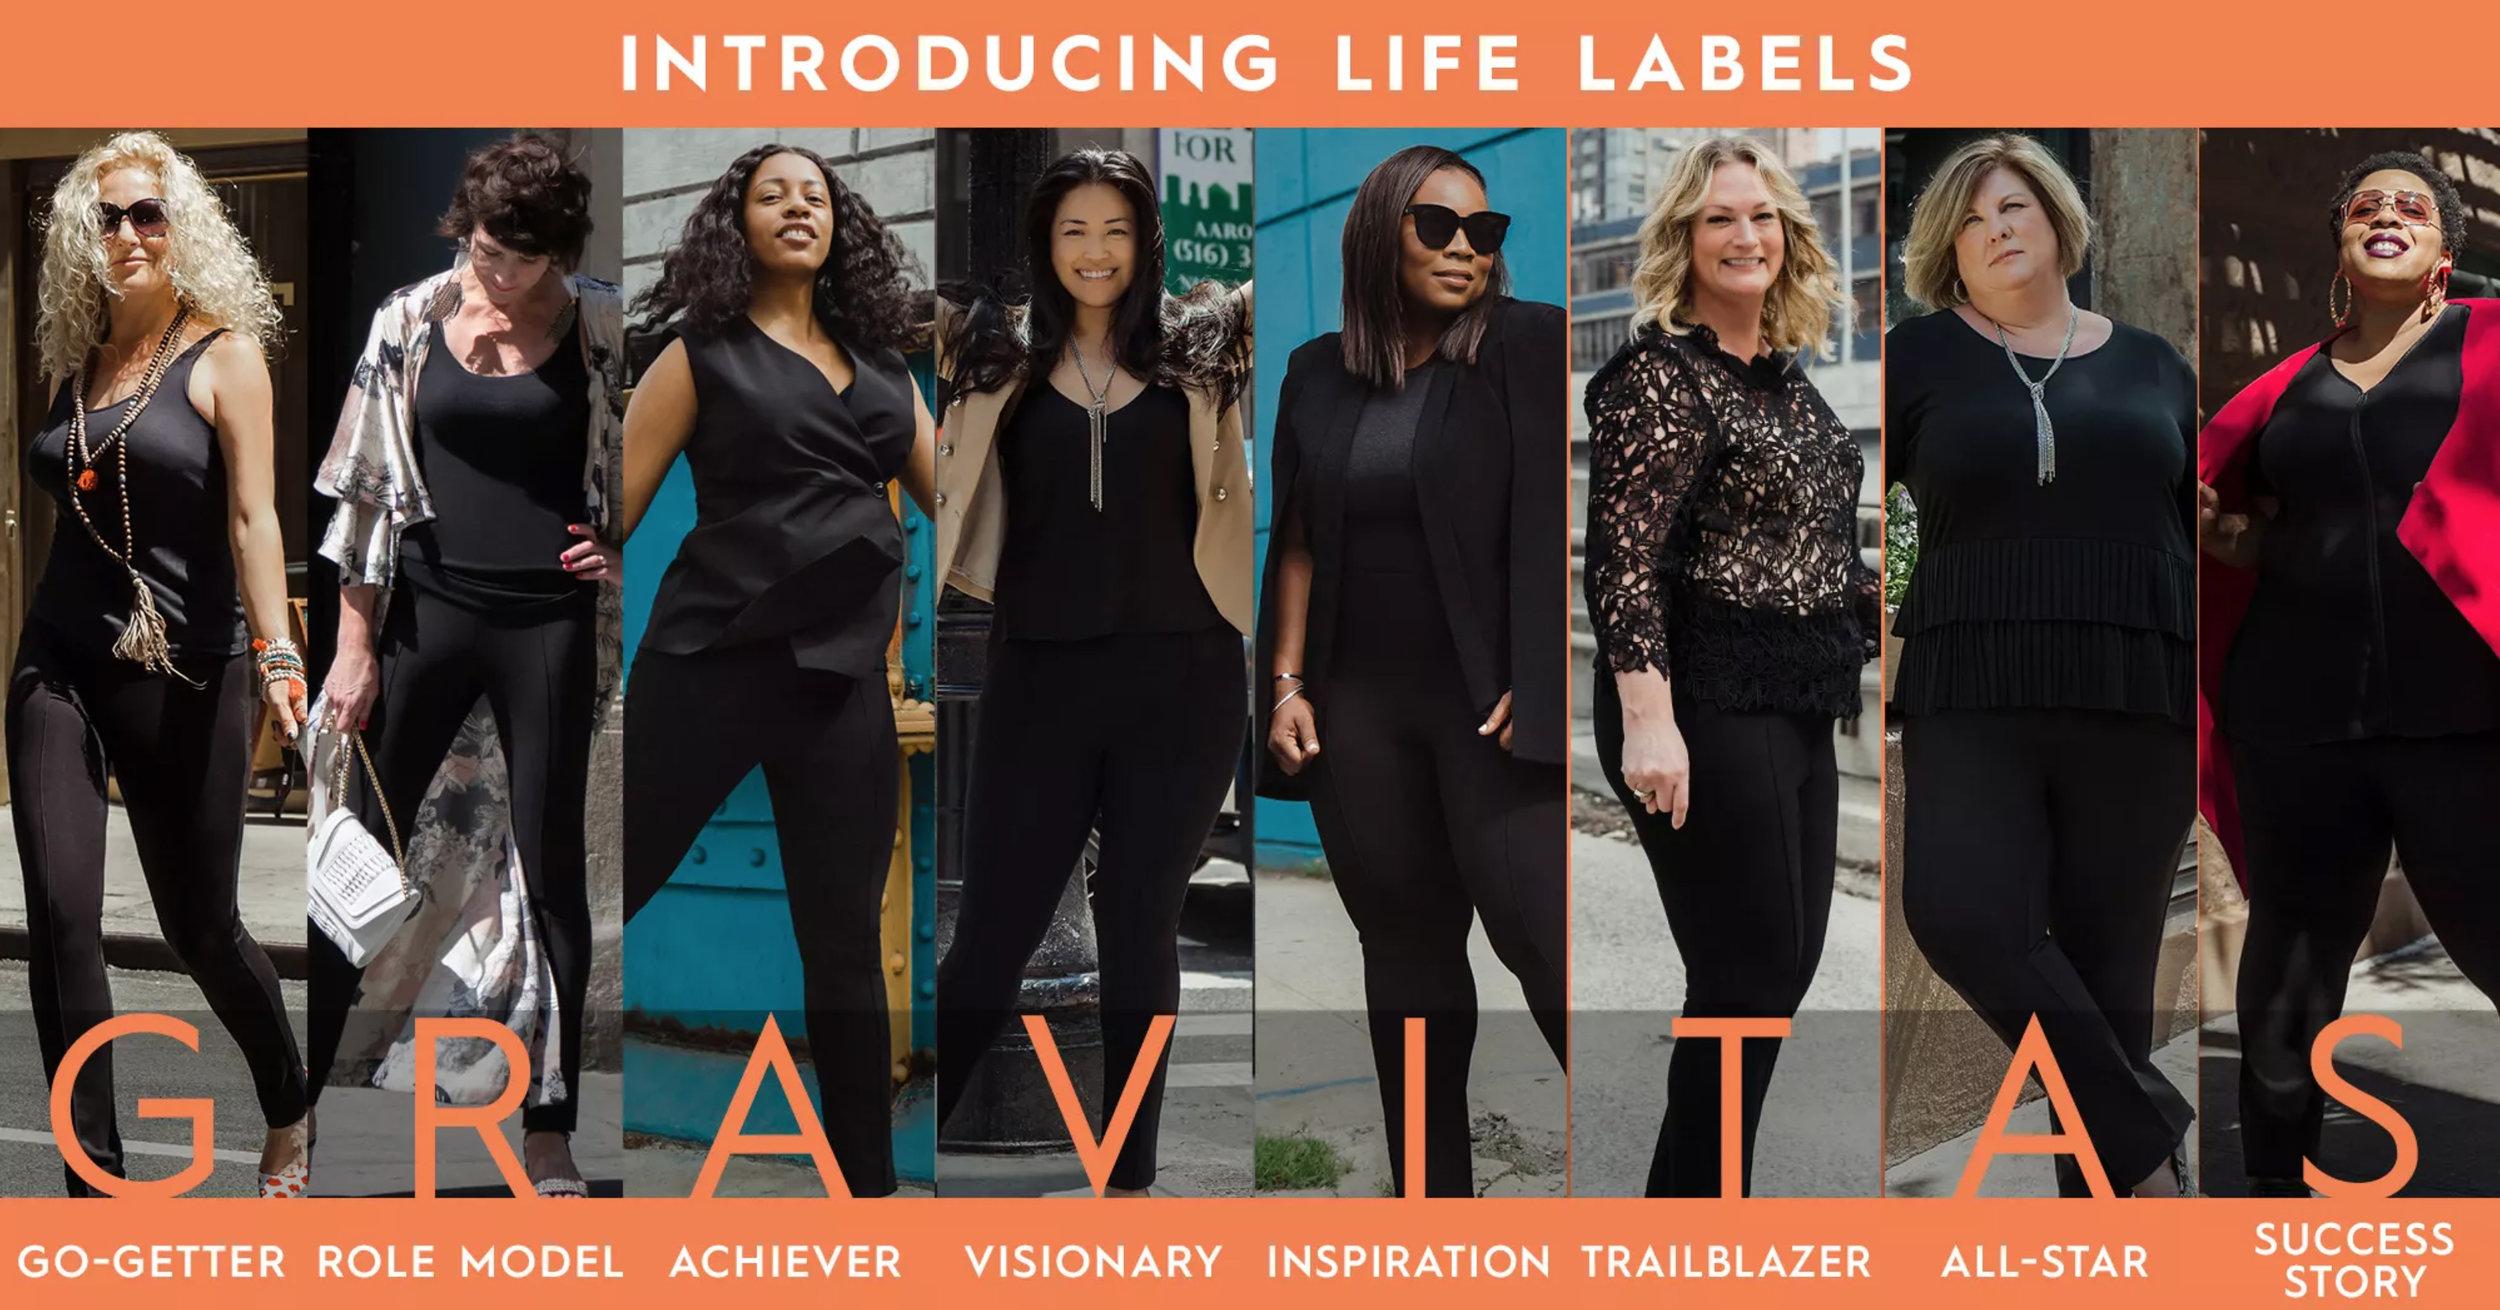 Gravitas Life Labels Campaign